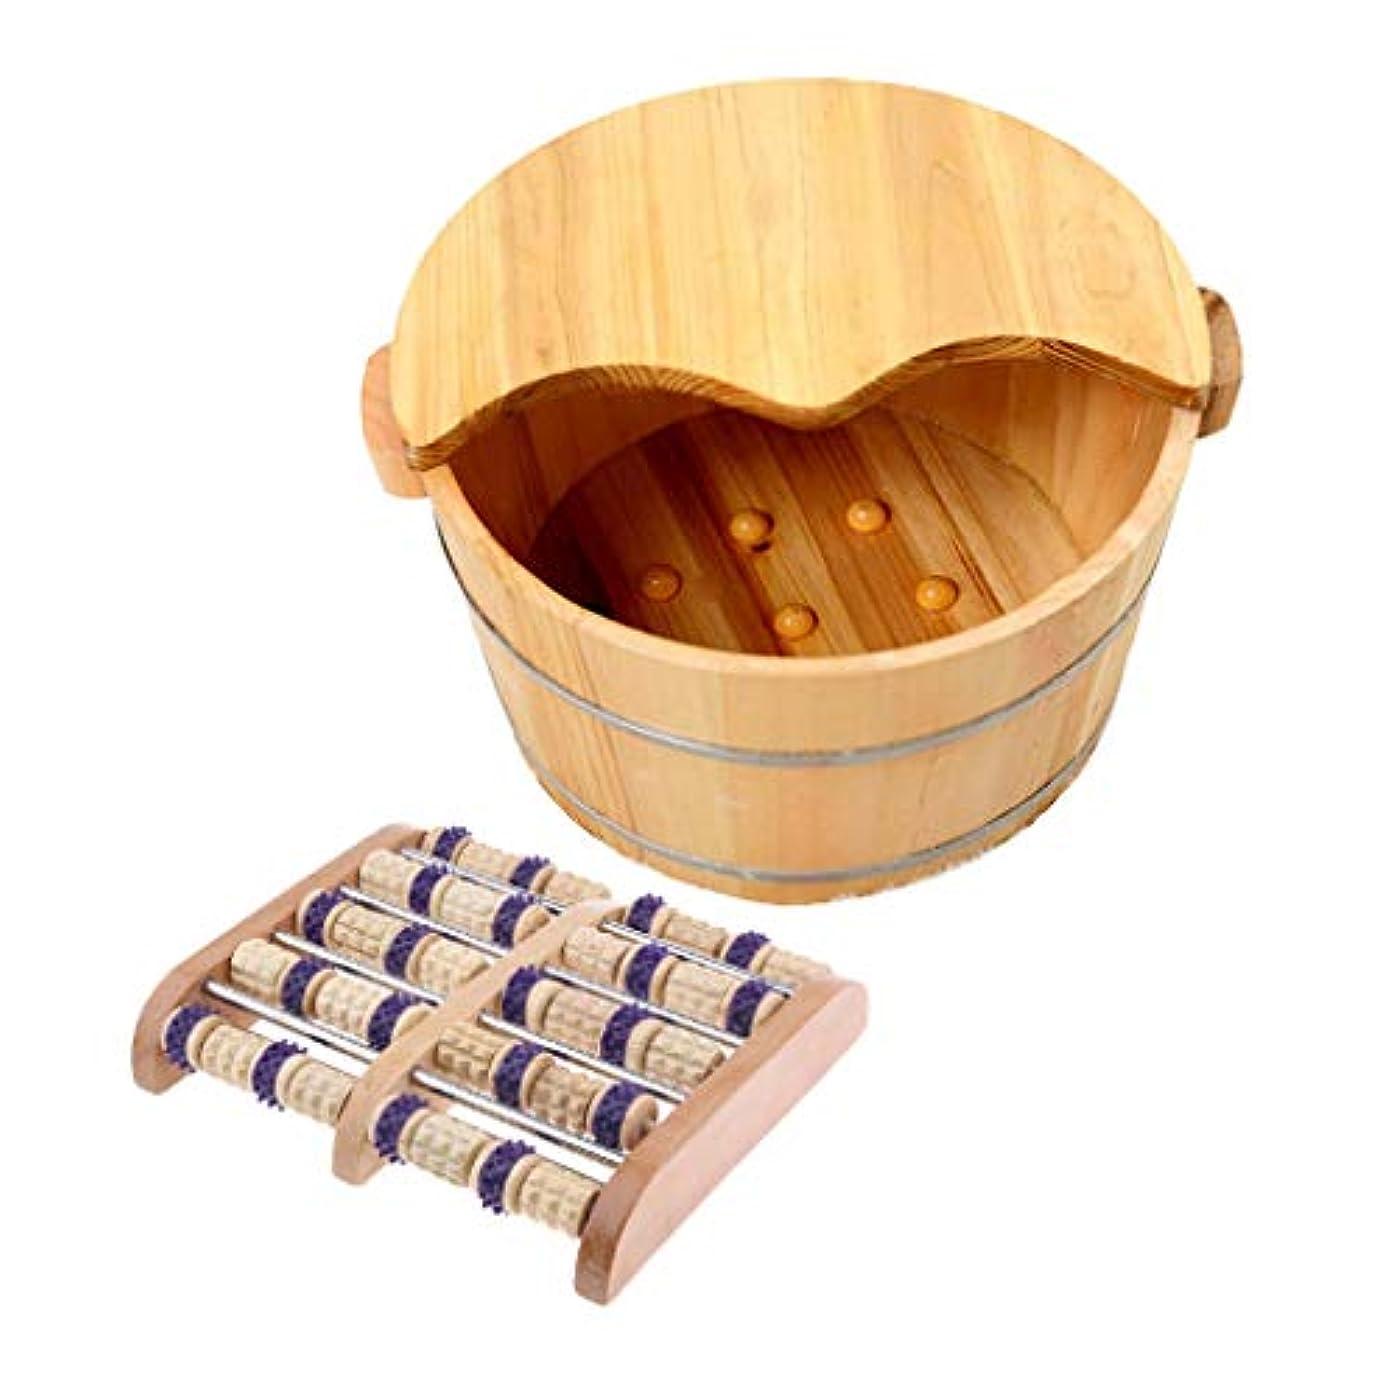 ペストフォーム朝の体操をするCUTICATE 足つぼマッサージ器 手作りウッドフットマッサー 木製の足の洗面台付き 足裏 ツボ押 血行促進